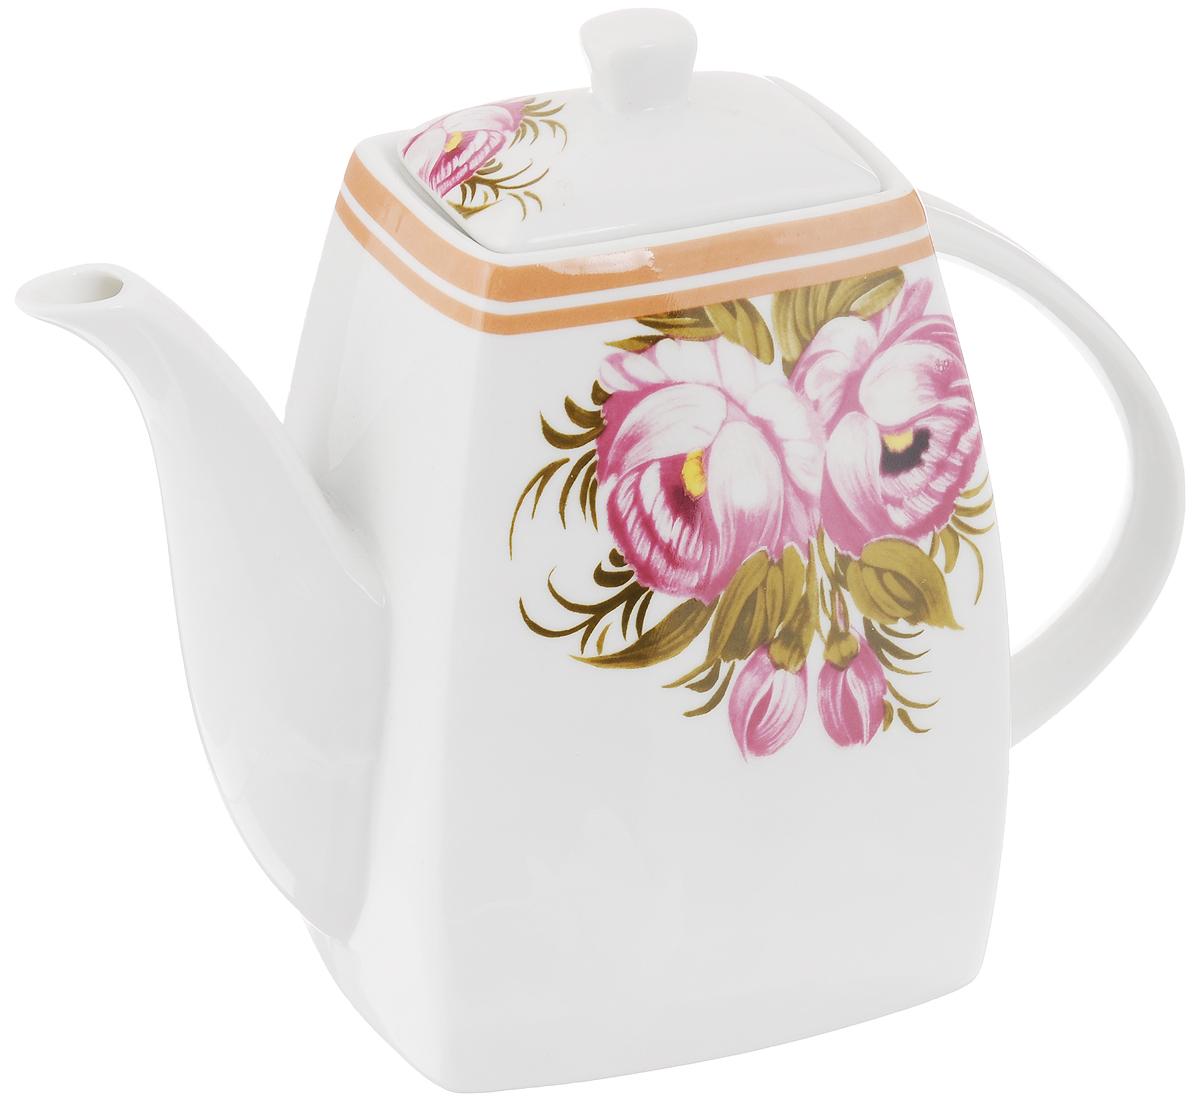 Чайник заварочный Loraine, 1 л. 2117321173Заварочный чайник Loraine изготовлен из высококачественной керамики и оформлен красочным изображением, которое придает чайнику особый шарм. Изделие удобно в использовании и понравится каждому. Такой чайник поможет вам в приготовлении вкусного и ароматного чая, а также станет украшением вашей кухни. Чайник упакован в подарочную коробку.Размер чайника (по верхнему краю): 8,3 см х 6,5 см. Размер дна: 11 см х 9 см. Высота чайника (без учета крышки): 15,5 см. Высота чайника (с учетом крышки): 18,5 см.